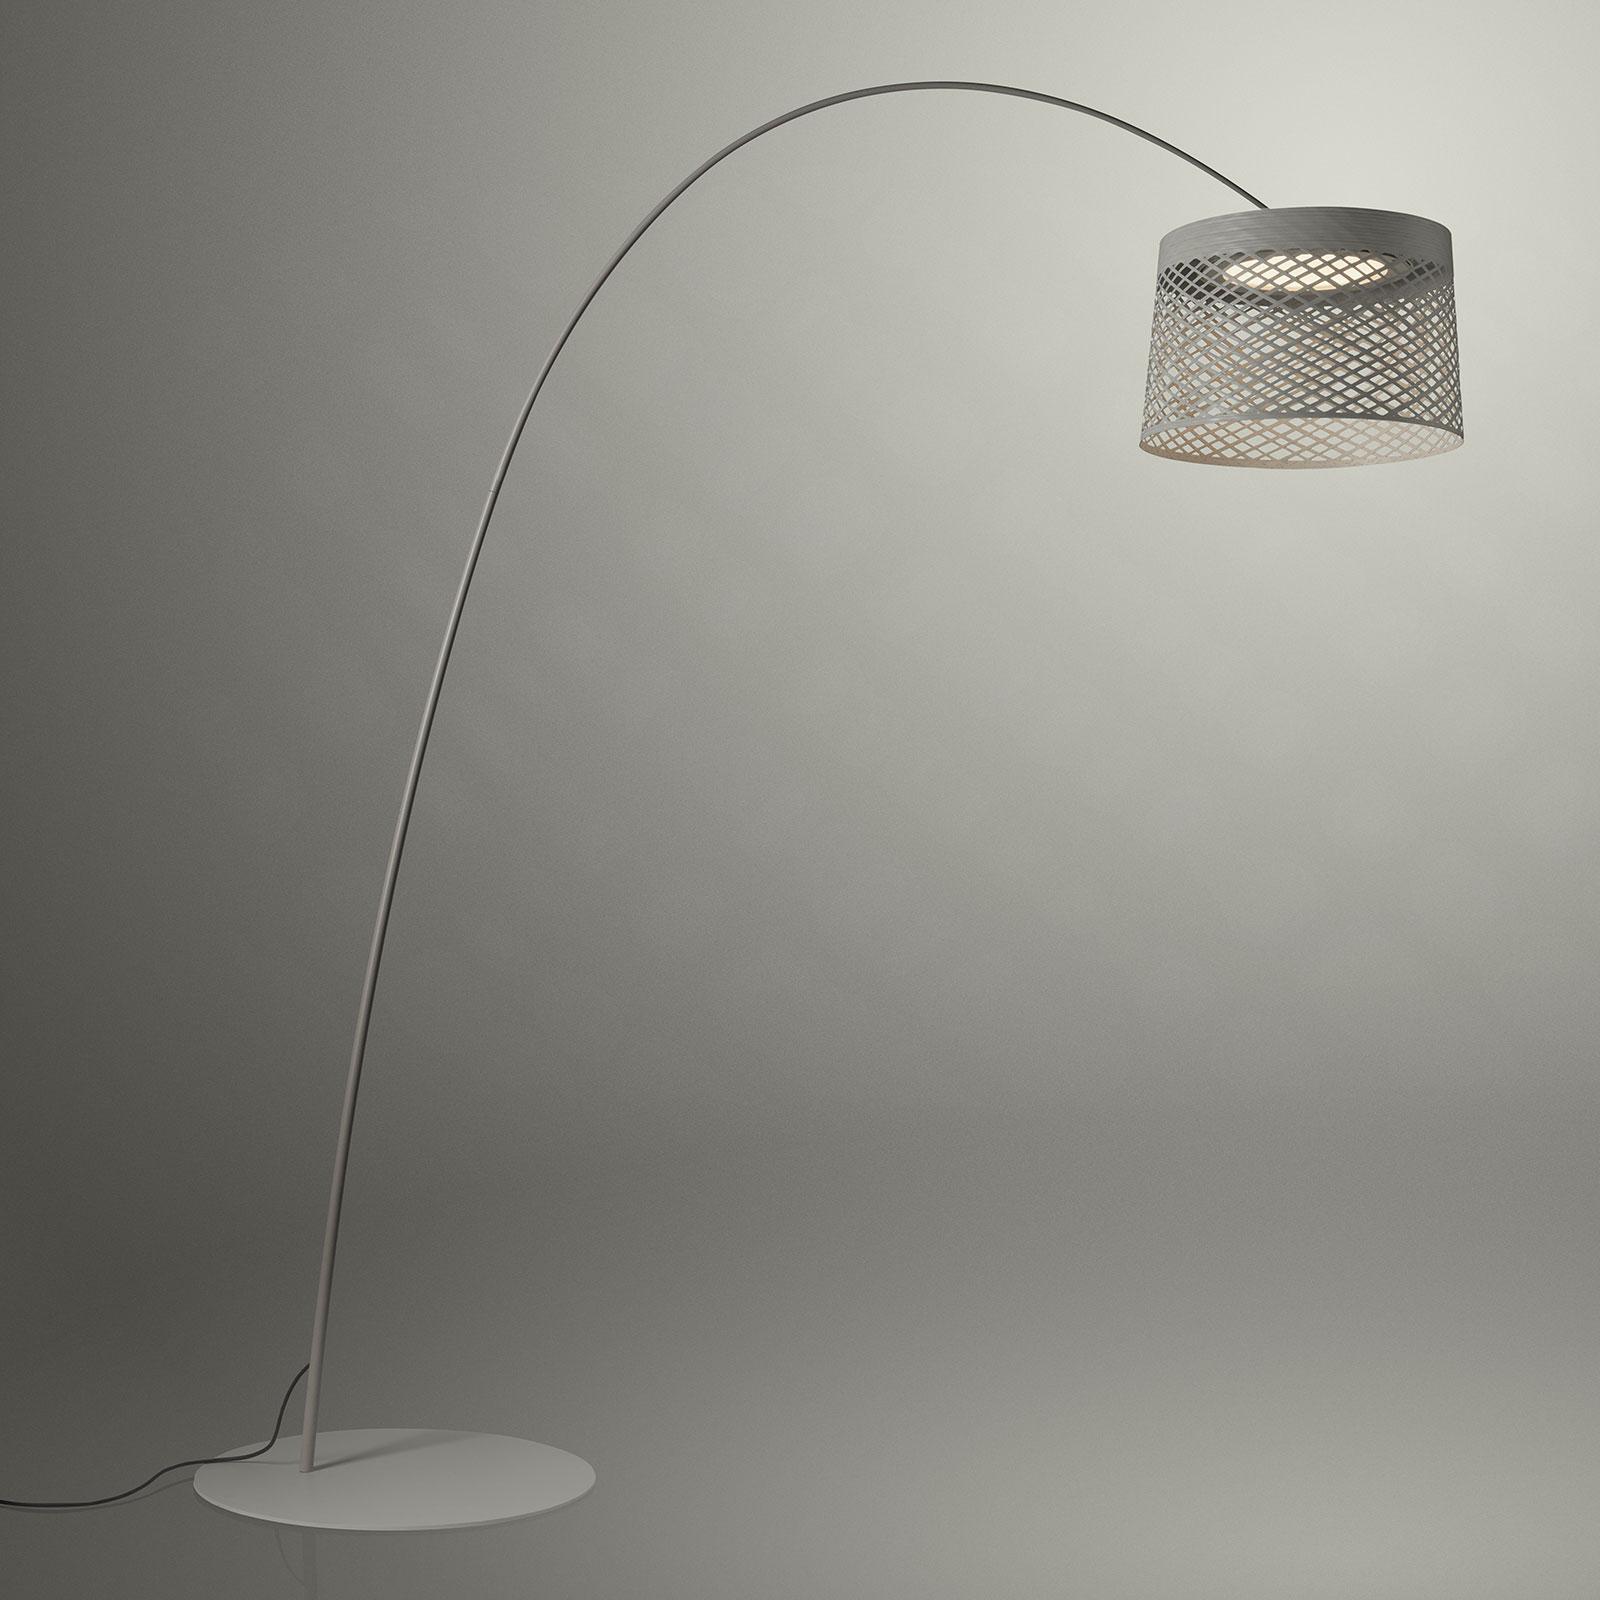 Foscarini Twiggy Grid LED-buelampe greige